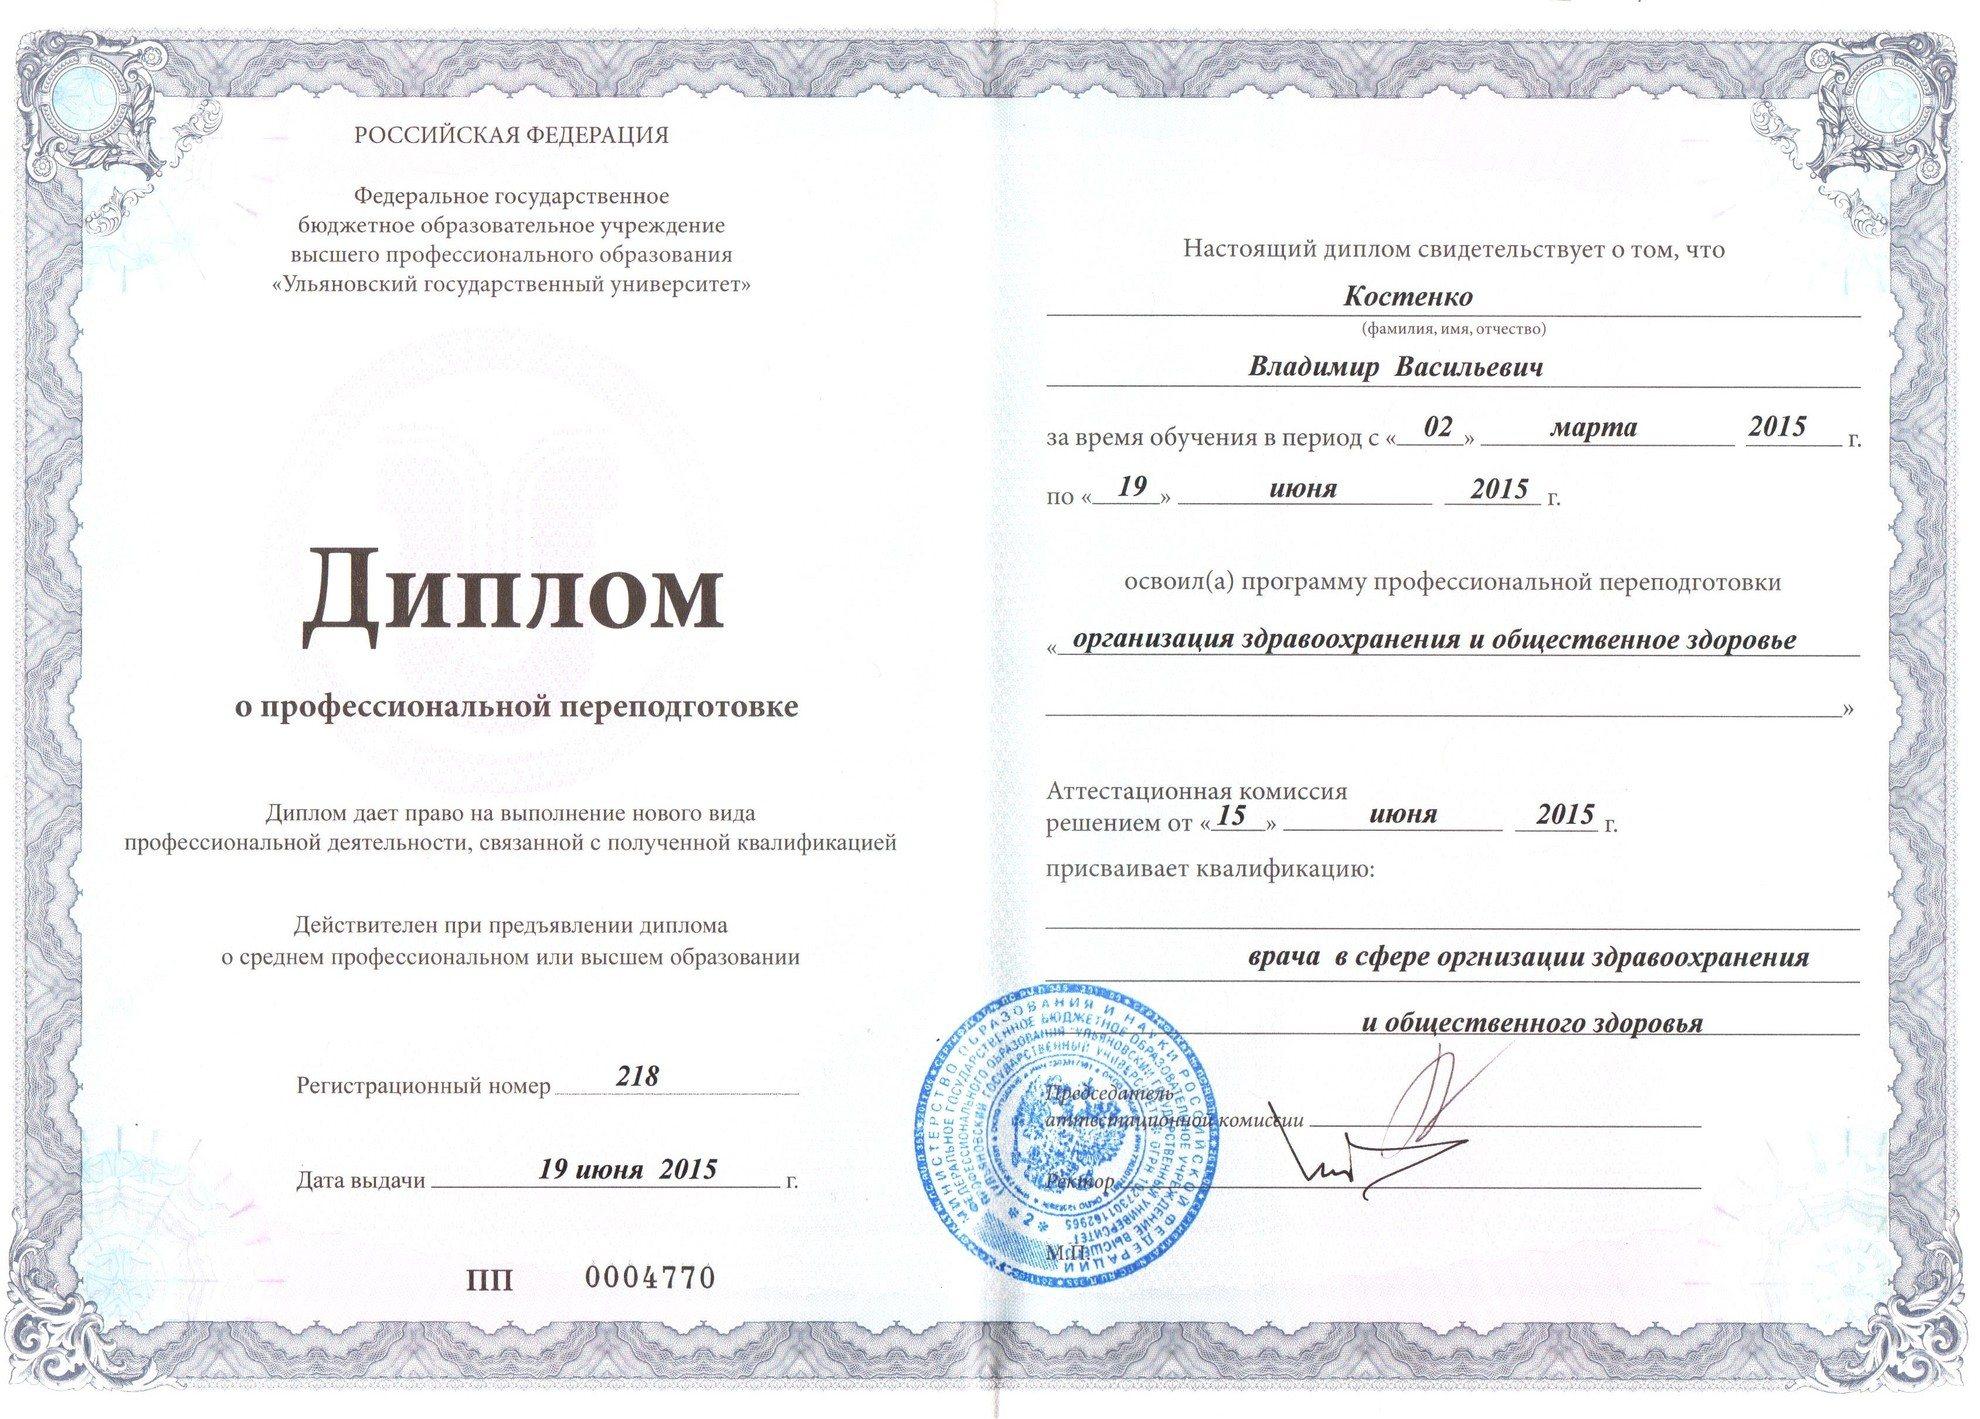 Костенко Владимир Васильевич в Ульяновске Лор клиника Профессиональная биография